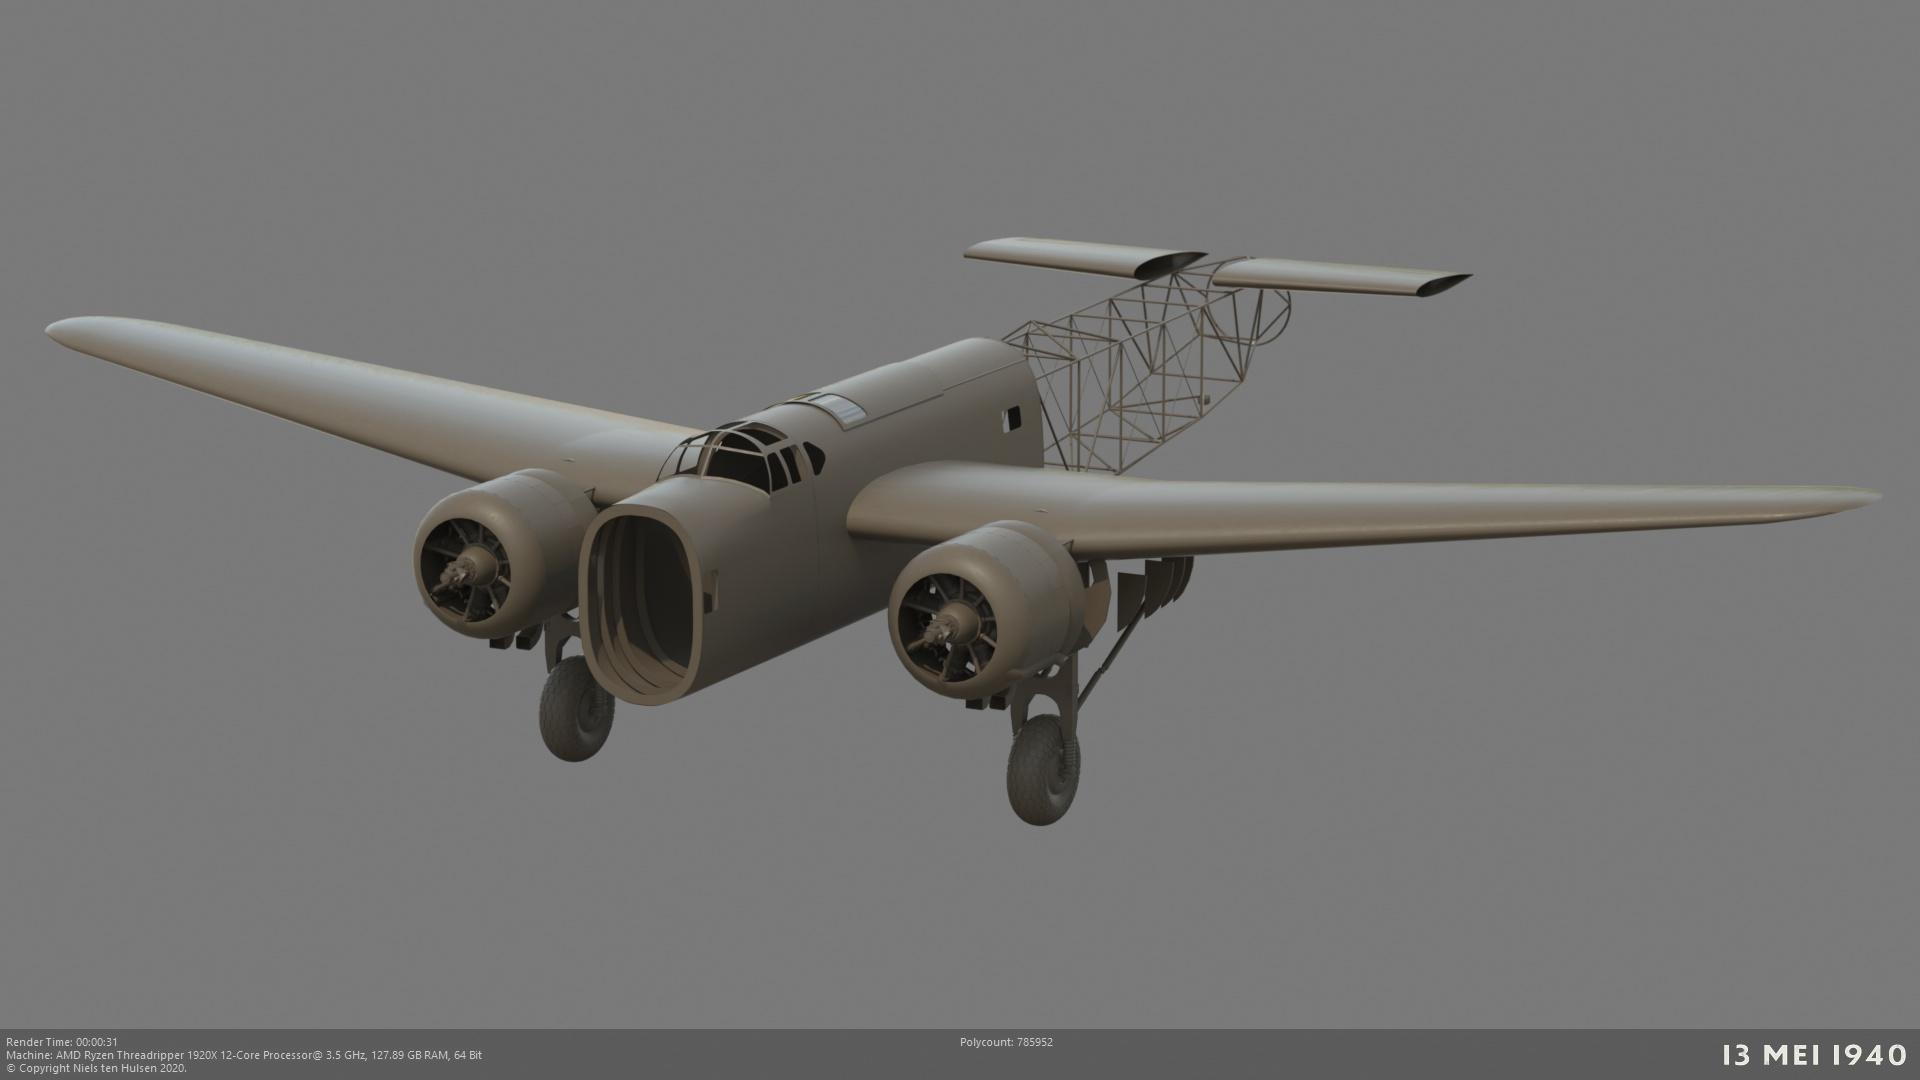 Naam: 001_FokkerT5_motor12.jpg Bekeken: 89 Grootte: 188,3 KB